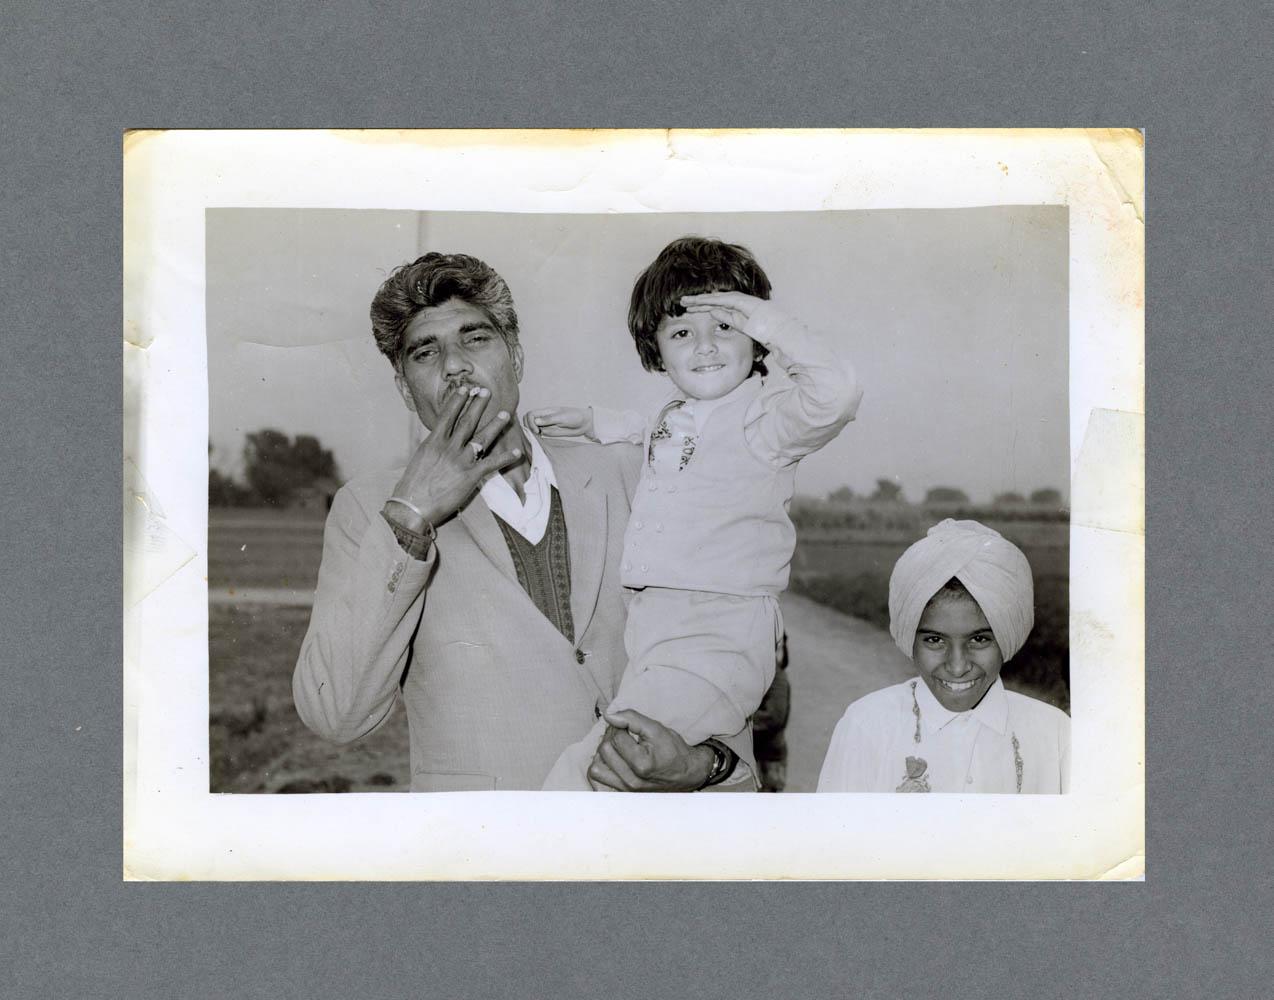 Mahadpur, Punjab c.1973